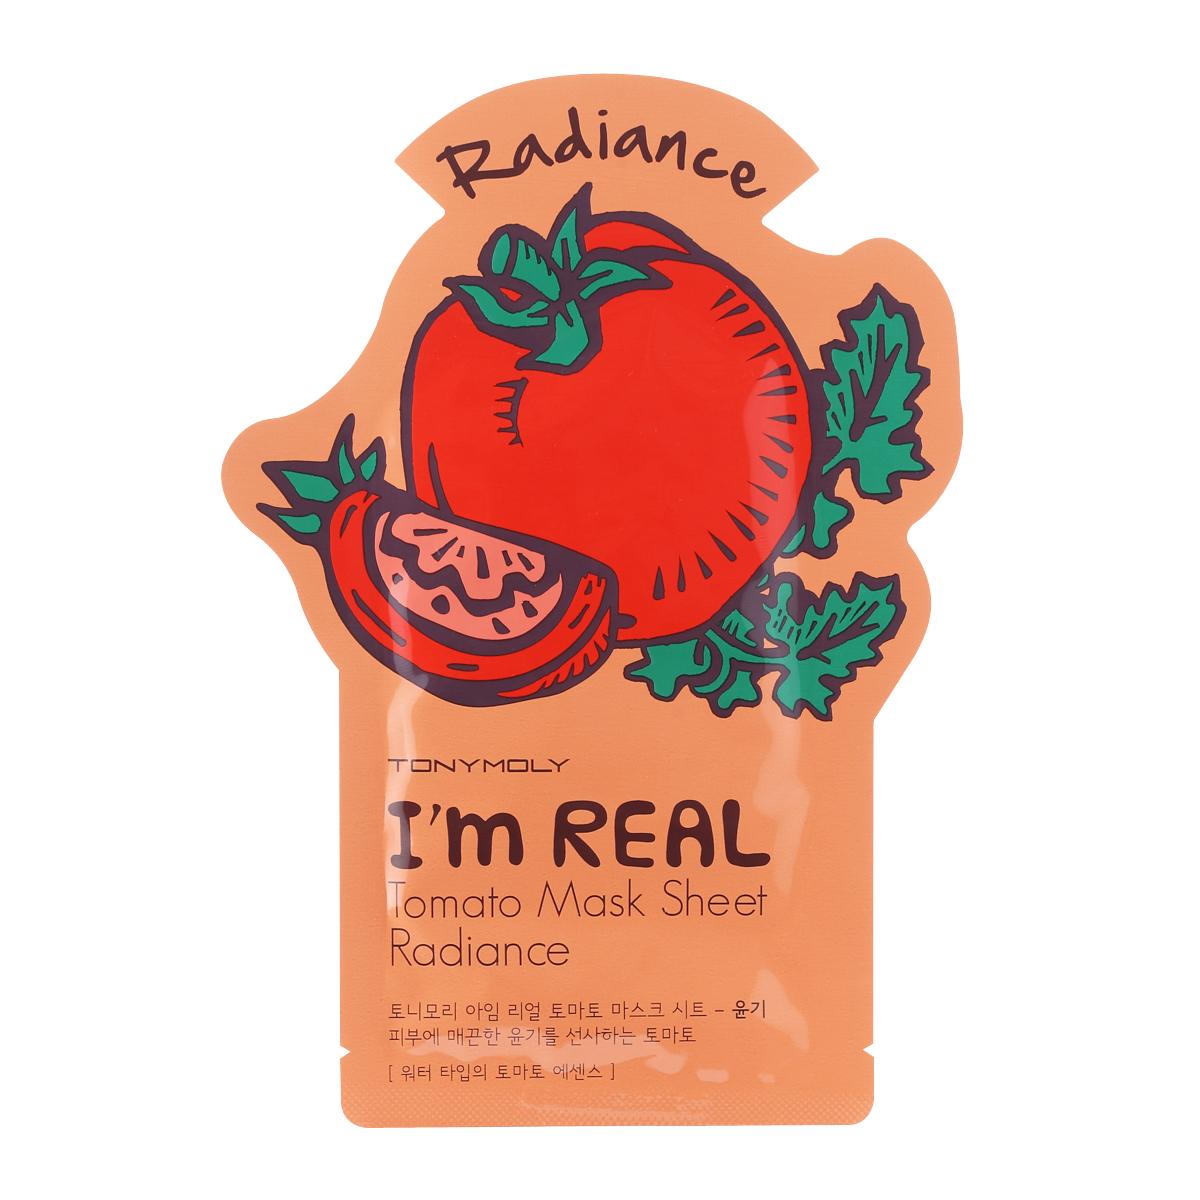 TonyMolyТканевая маска с экстрактом томата Im Real Tomato Mask Sheet, 21млSS05015400Тканевая маска для сияния кожи с экстрактом томата Tony Moly Im real Tomato Mask Sheet - увлажняющая и укрепляющая кожу антиоксидантная маска для уставшей кожи. Обладает легким отбеливающим эффектом и повышает эластичность кожи. После нее цвет кожи становится однородным, поры стягиваются, стираются следы усталости. В составе — бетаглюканы, ликопин (томат), эсктракт киви, аллантоин, витамин E. Ликопин и витамин Е — антиоксиданты, улучшают цвет лица, борются со свободными радикалами. Маска состоит из трех слоев, что способствует более глубокому и интенсивному проникновению полезных веществ в клетки кожи. Не содержит парабенов, талька и искусственных красителей. Марка Tony Moly чаще всего размещает на упаковке (внизу или наверху на спайке двух сторон упаковки, на дне банки, на тубе сбоку) дату изготовления в формате: год/месяц/дата.